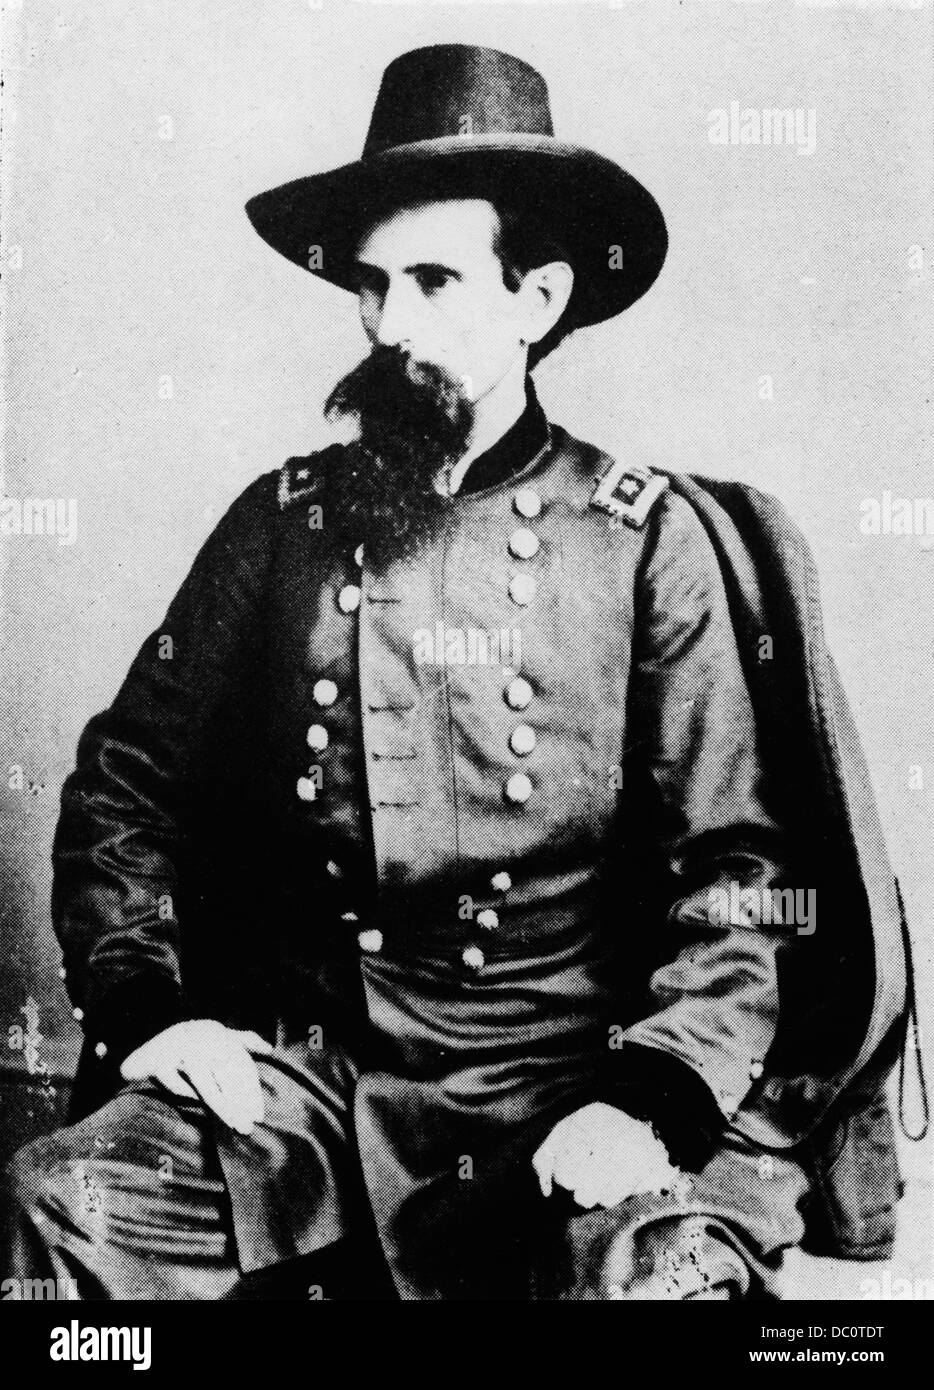 1800S 1860S ALLGEMEINE LEWIS LEW WALLACE VON MATHEW BRADY FOTO CA. 1862 AMERICAN CIVIL WAR AUTOR VON BEN HUR Stockbild